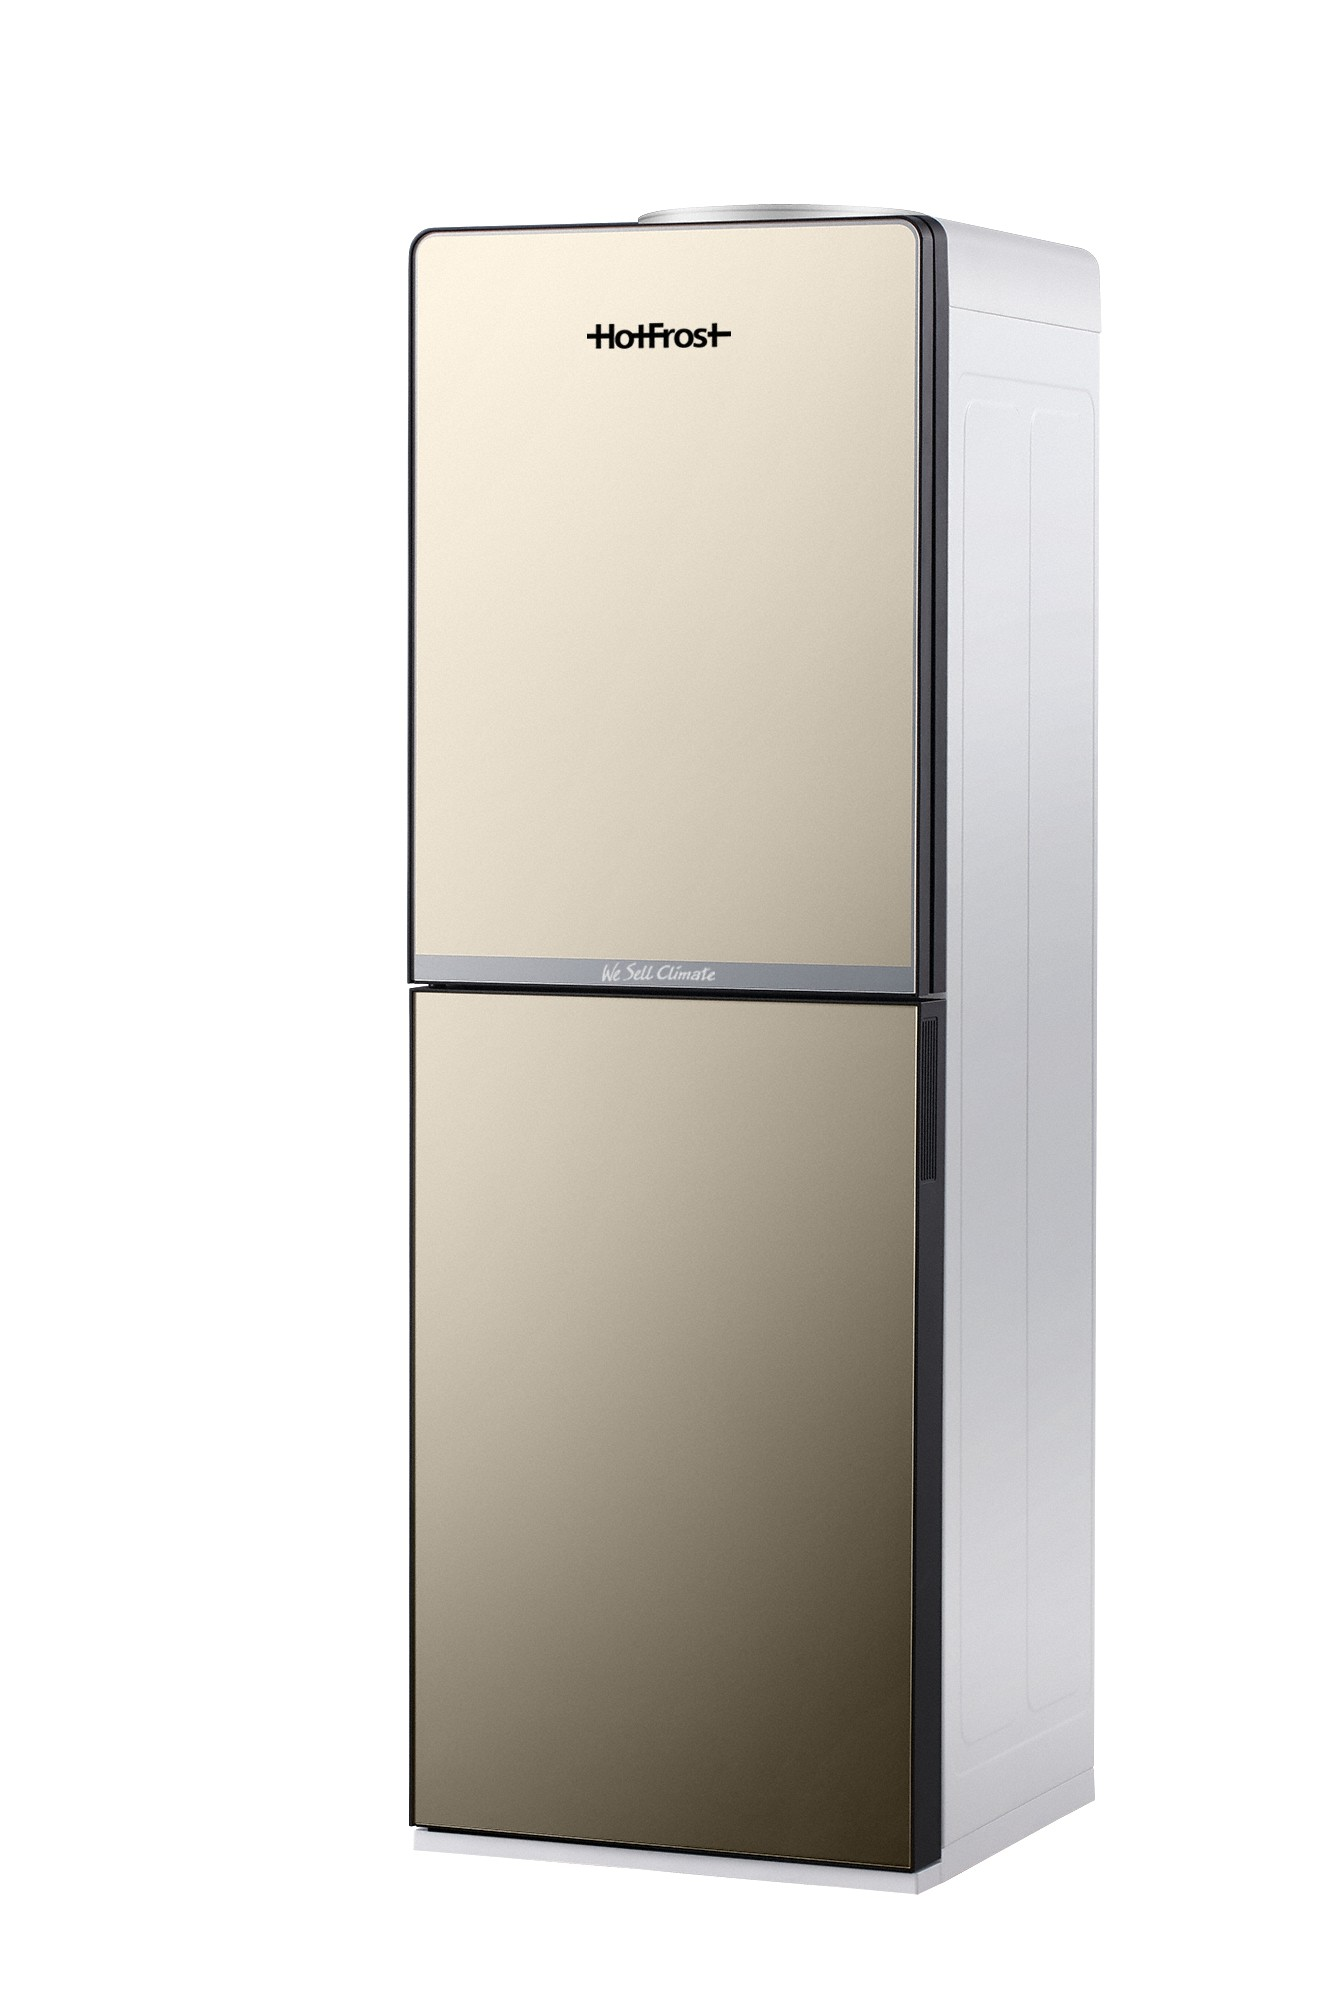 Напольный кулер для воды HotFrost V250CE Gold со встроенным шкафчиком